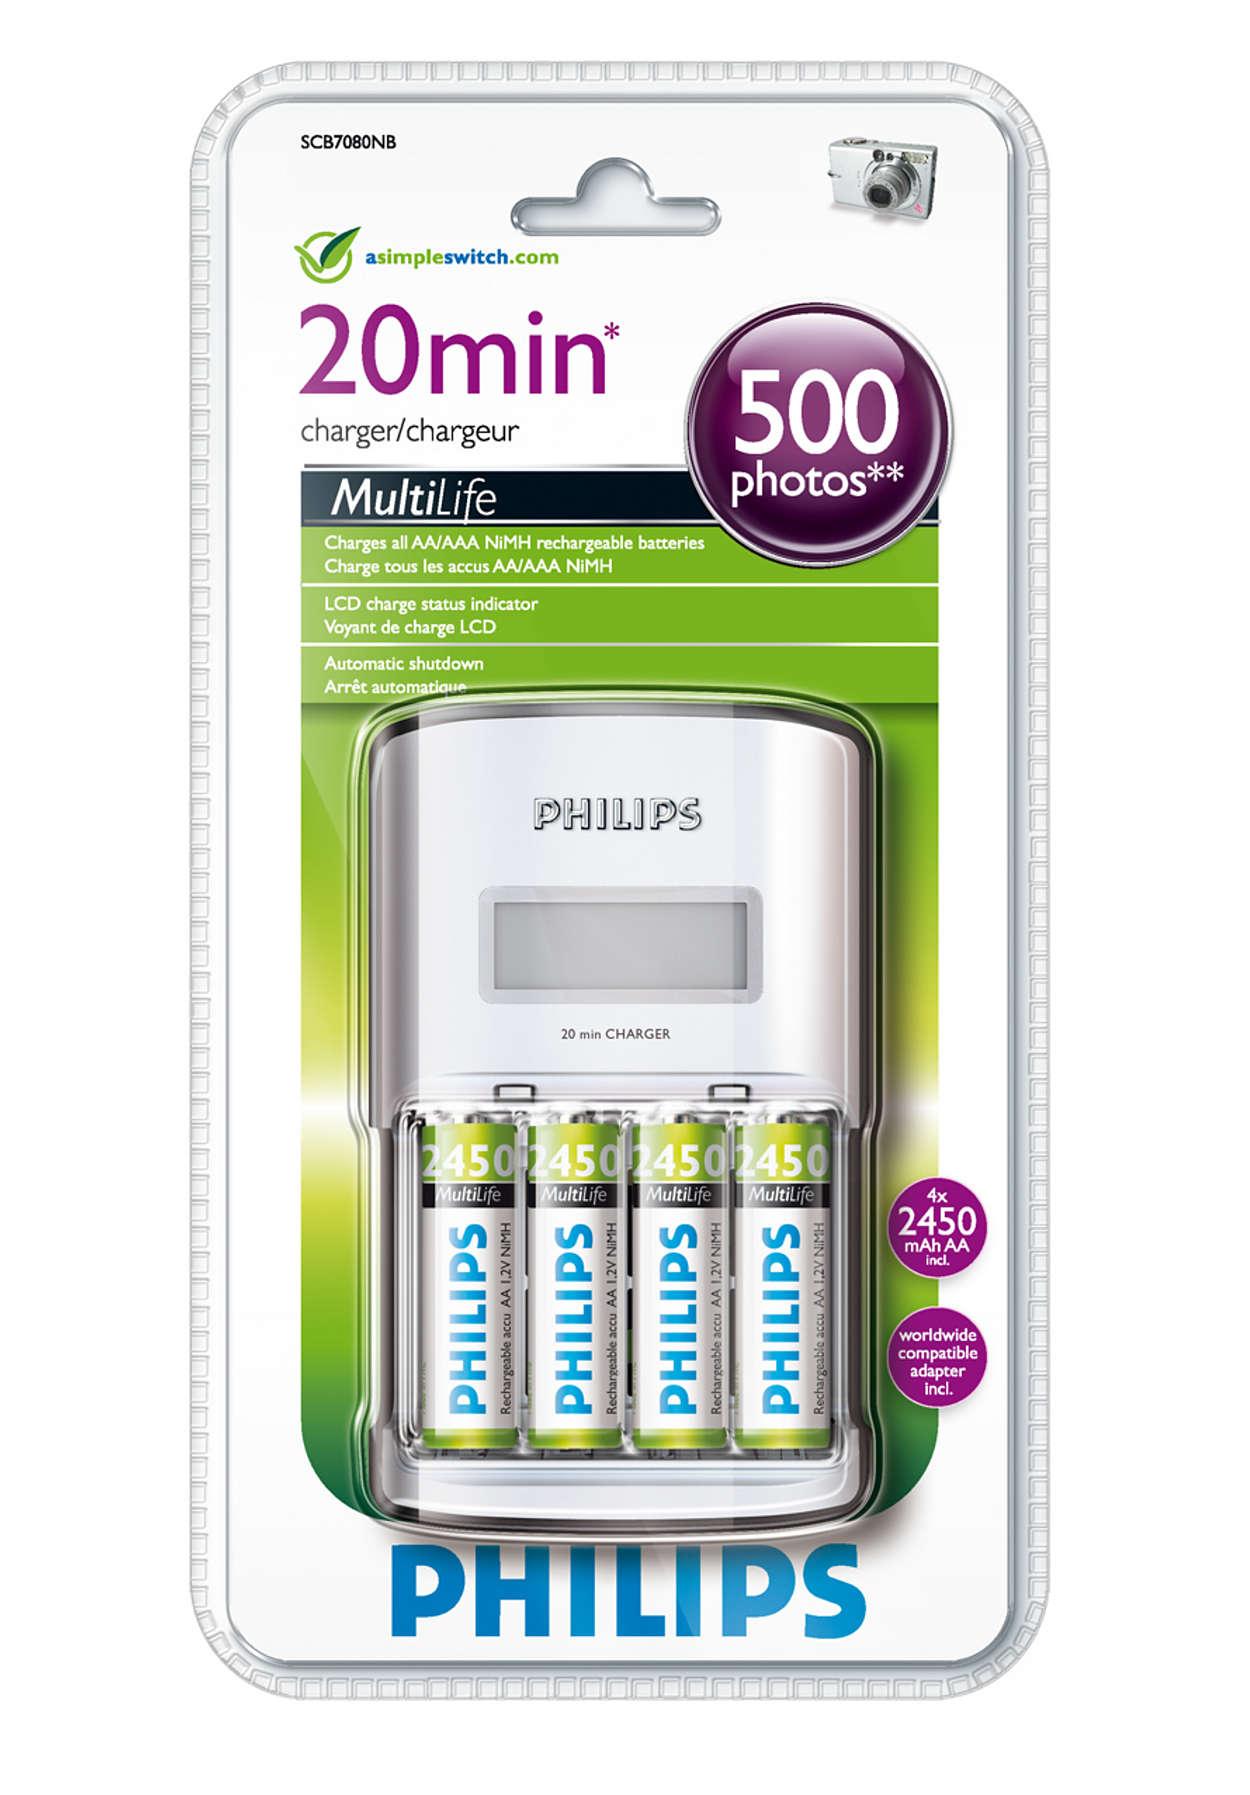 Carga completa de entre 1 y 4 pilas AA en un máximo de 20 minutos